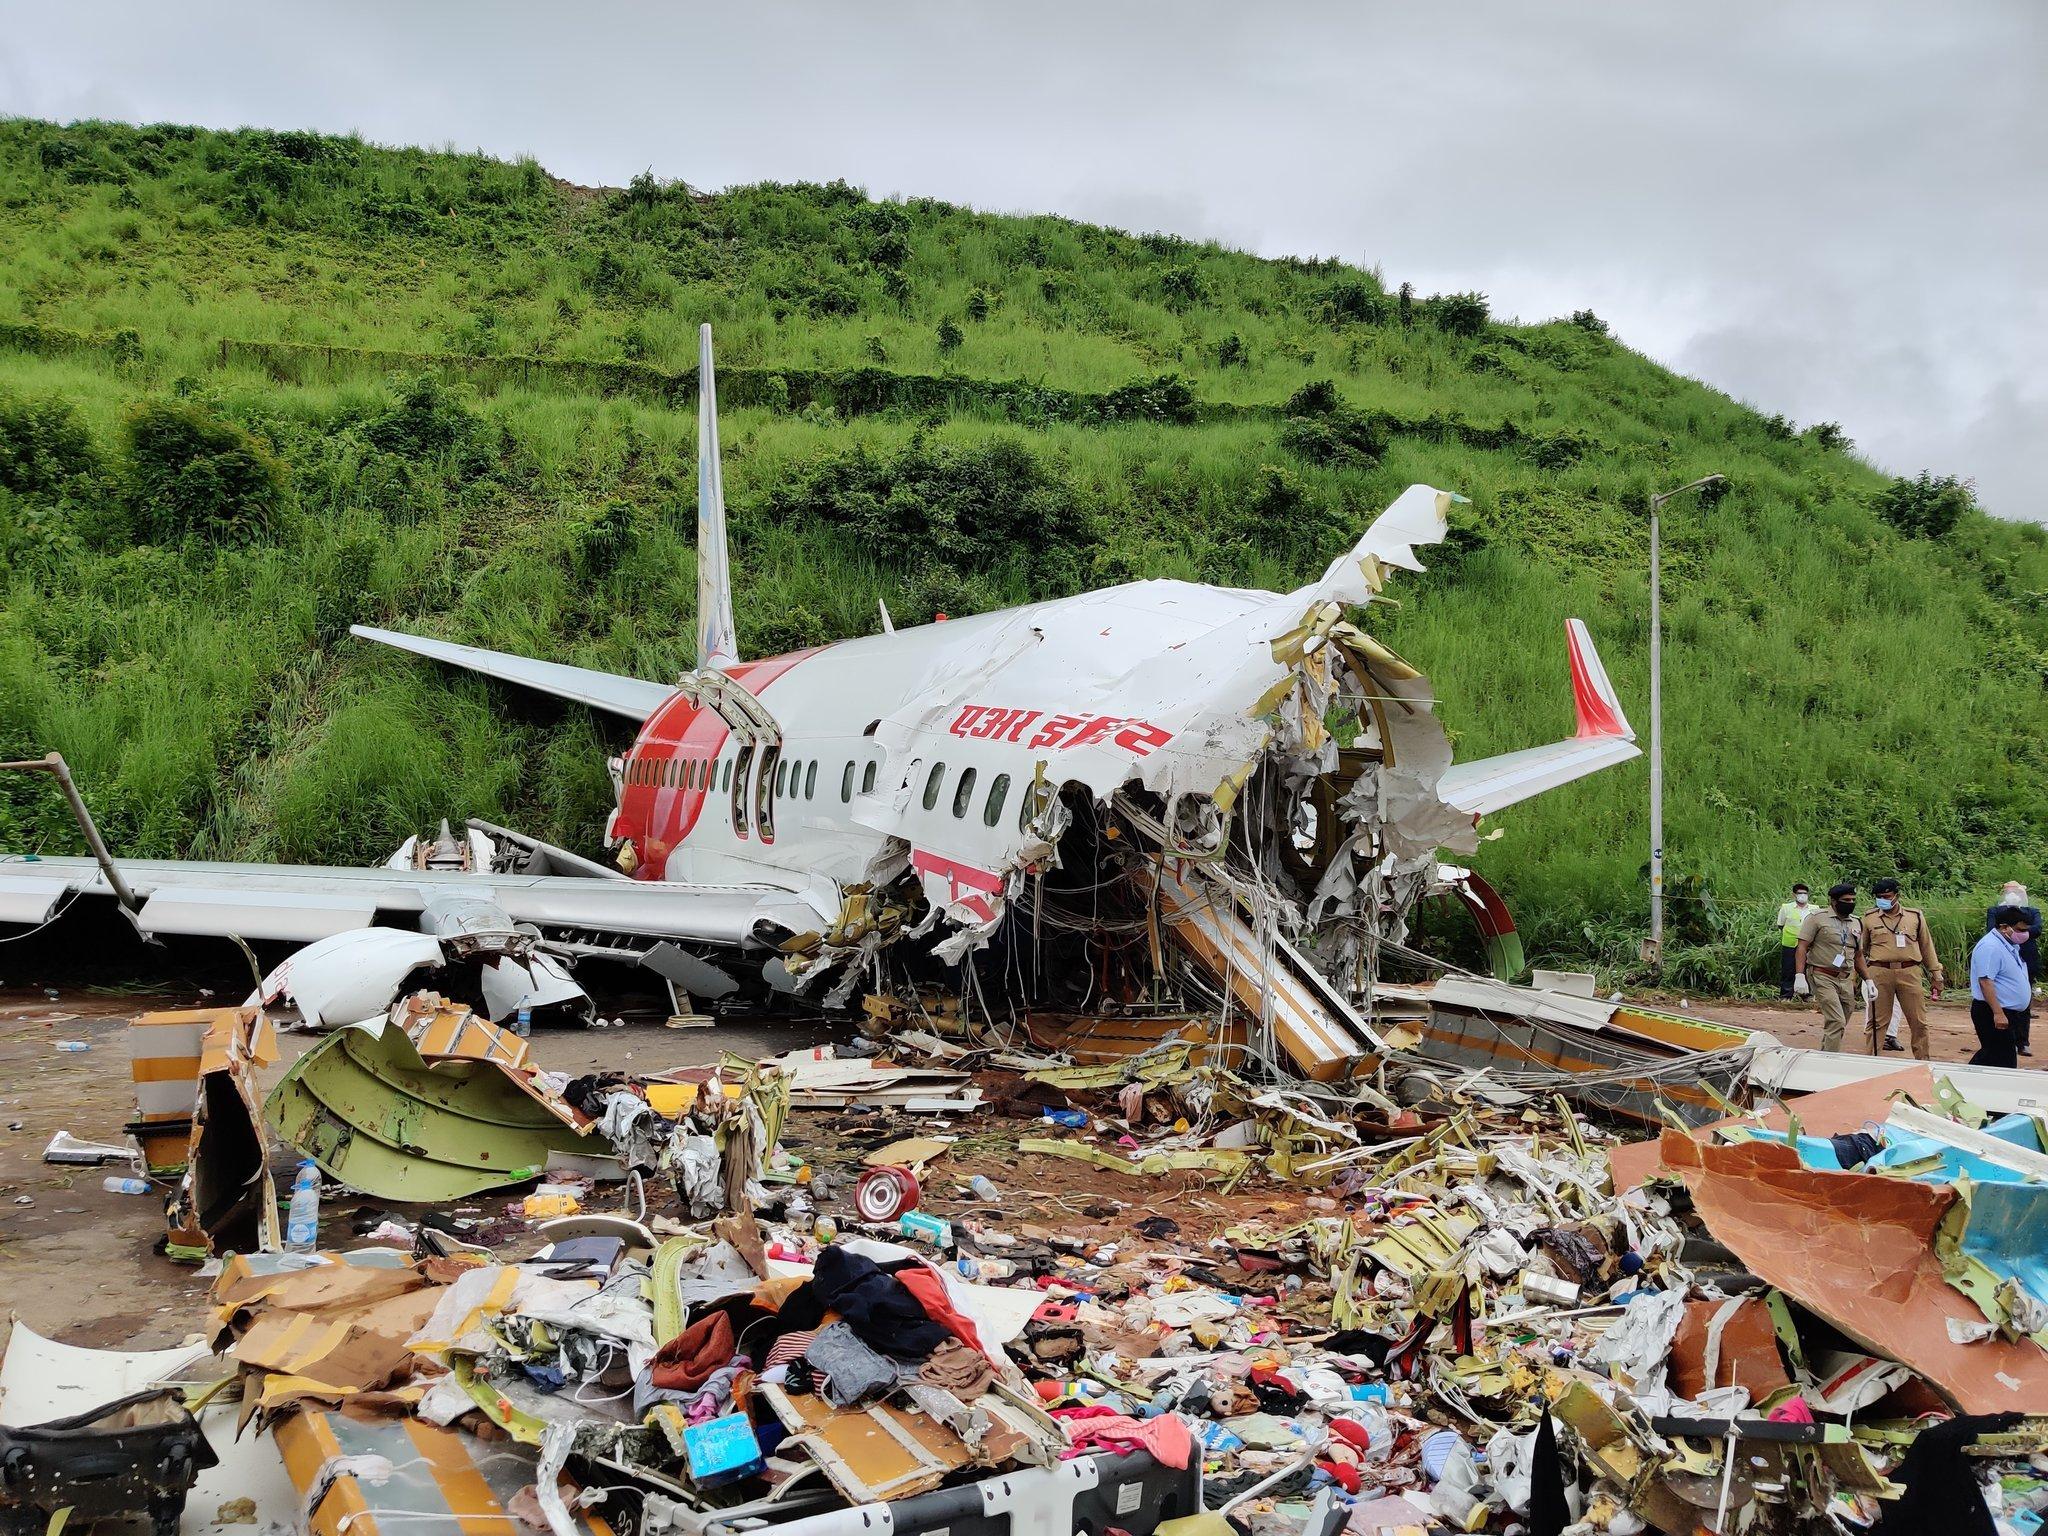 印度客机空难的救援人员中已有22人确诊感染新冠肺炎 地方高官宣布自我隔离